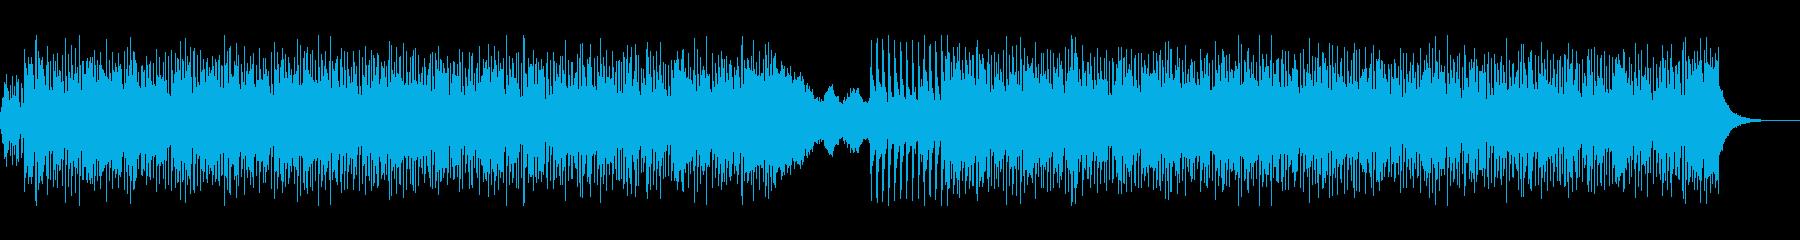 コミカルなトロピカルEDMの再生済みの波形